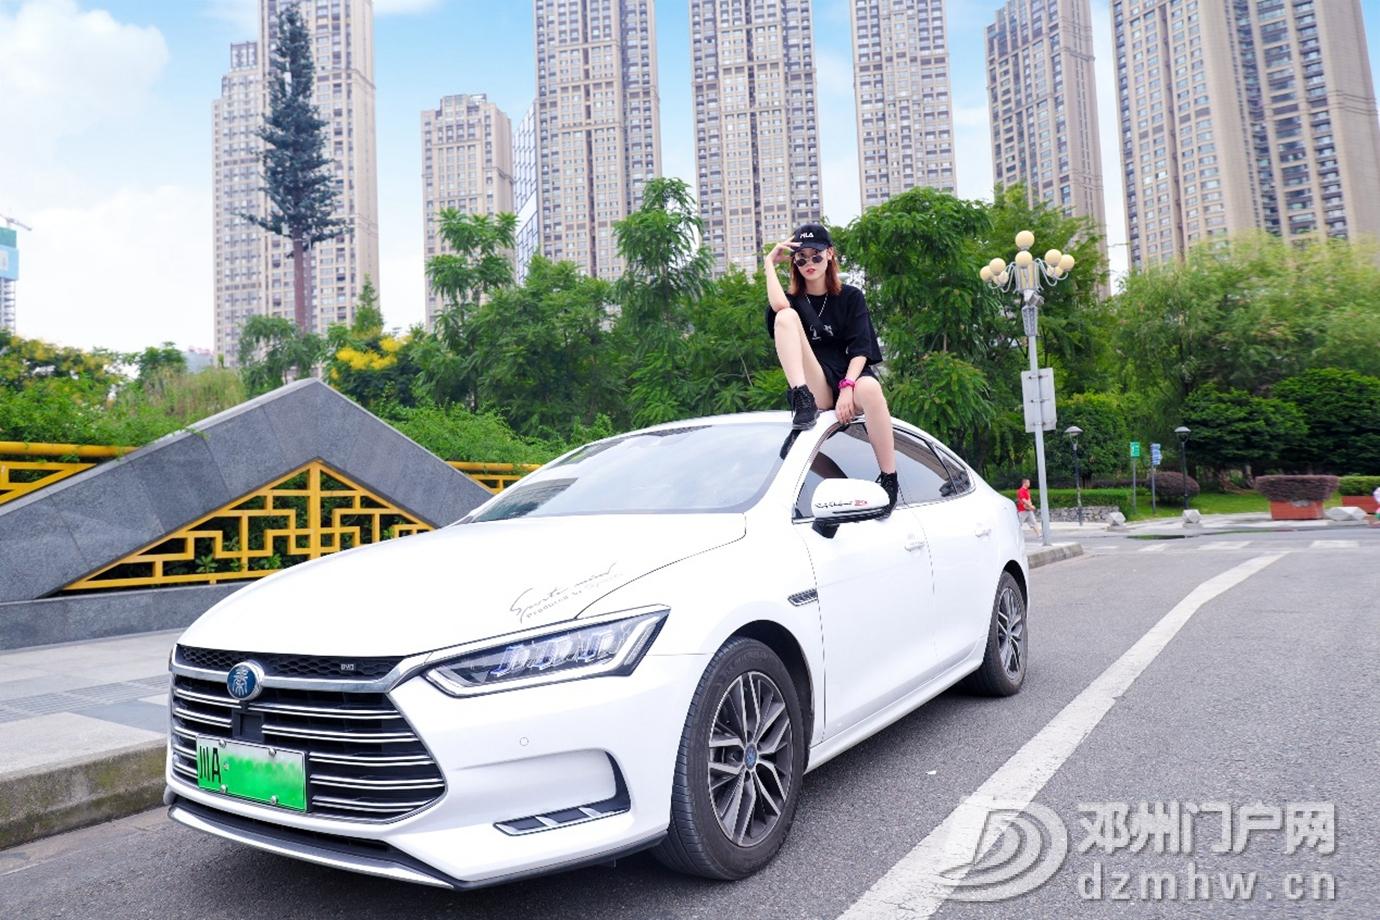 秦Pro DM车主的嘻哈生活 - 邓州门户网|邓州网 - a10.jpg